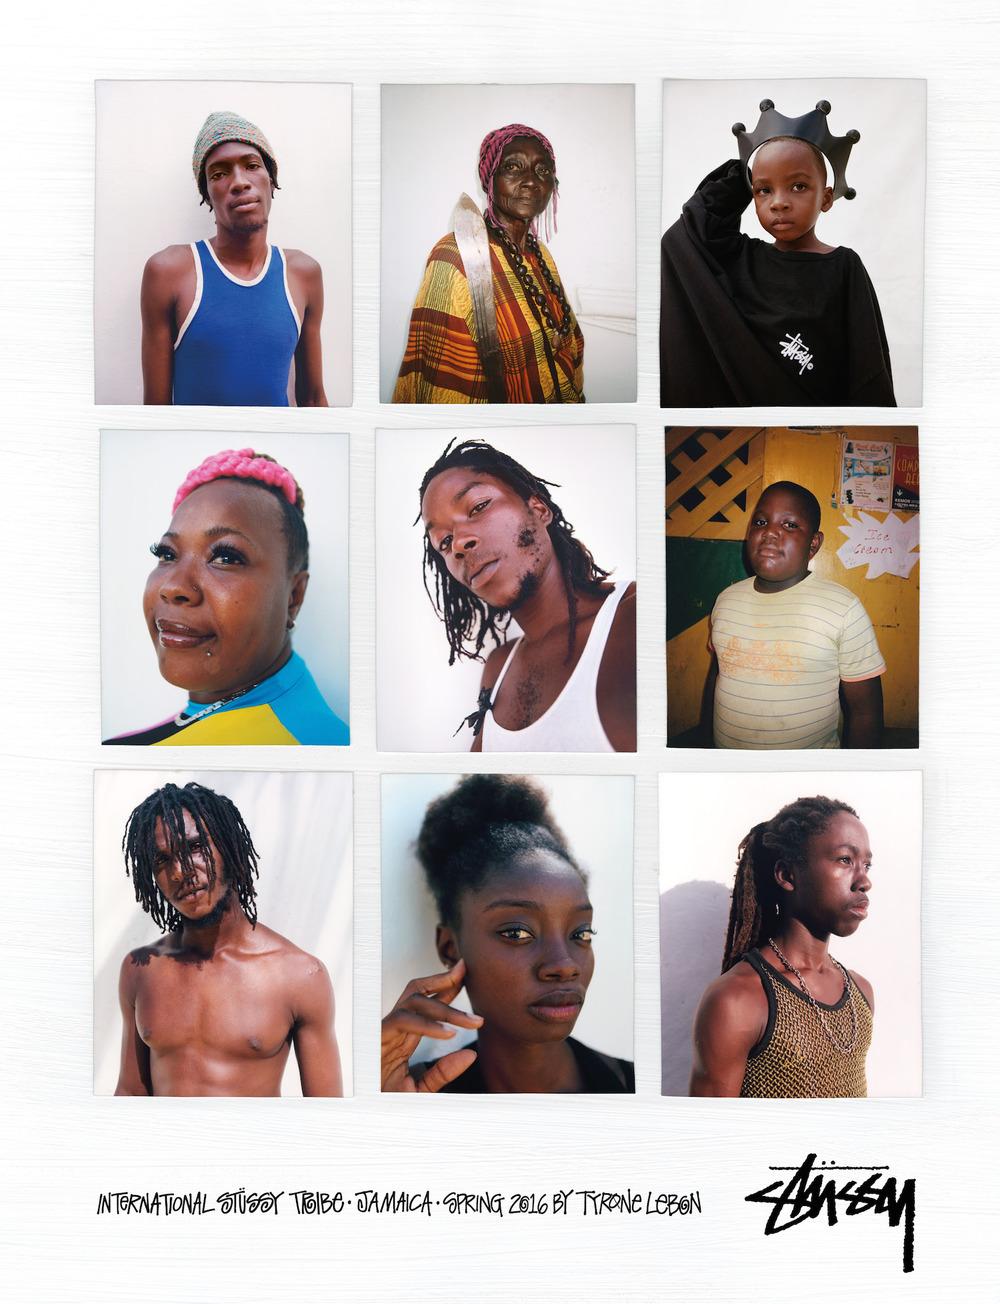 Stüssy Spring 2016 Jamaica Campaign by Tyrone Lebon10.jpg